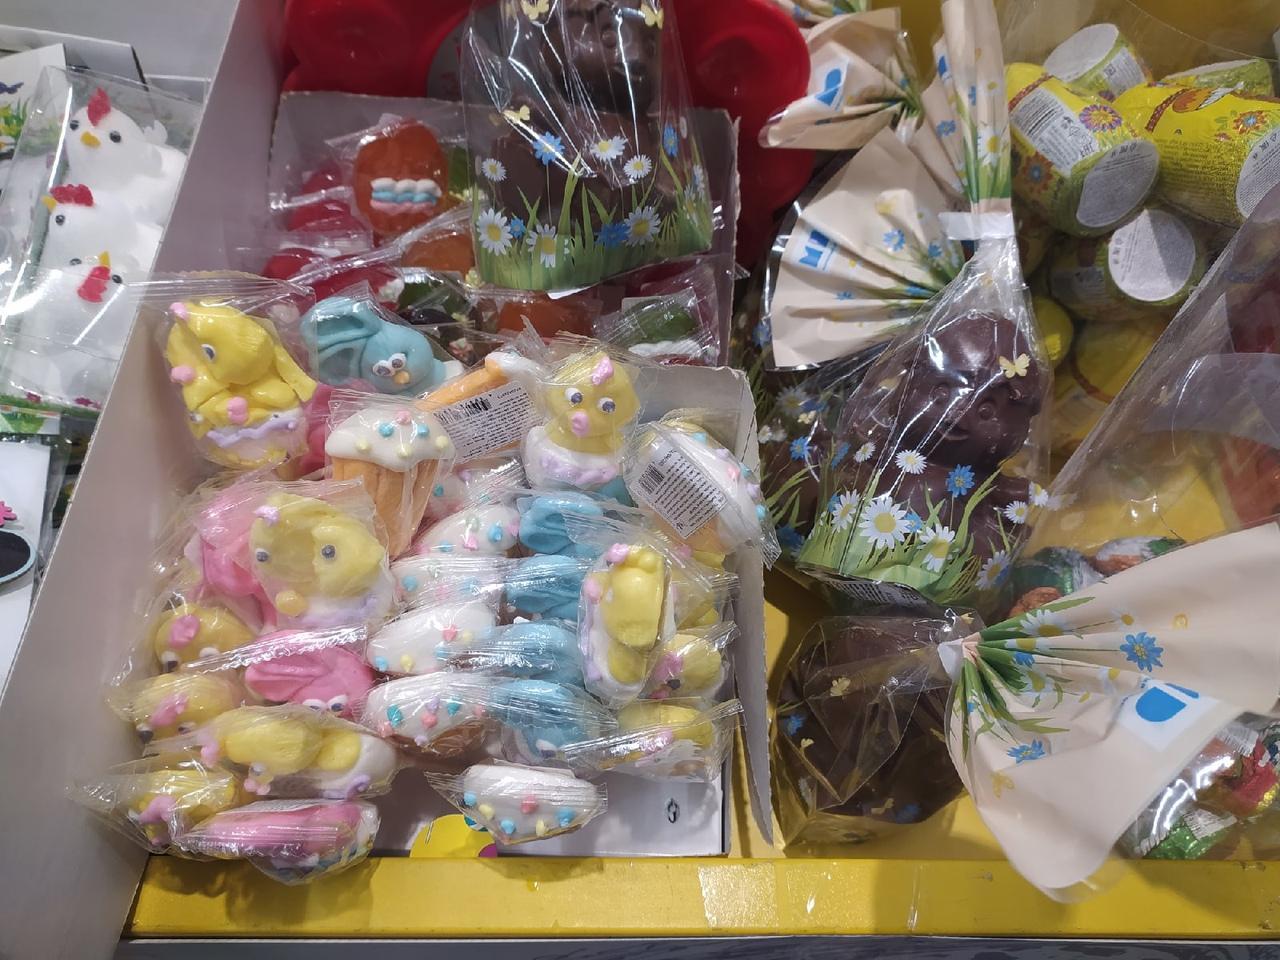 фото Куличи и красители для яиц к Пасхе: обзор цен на праздничные товары в Новосибирске 19